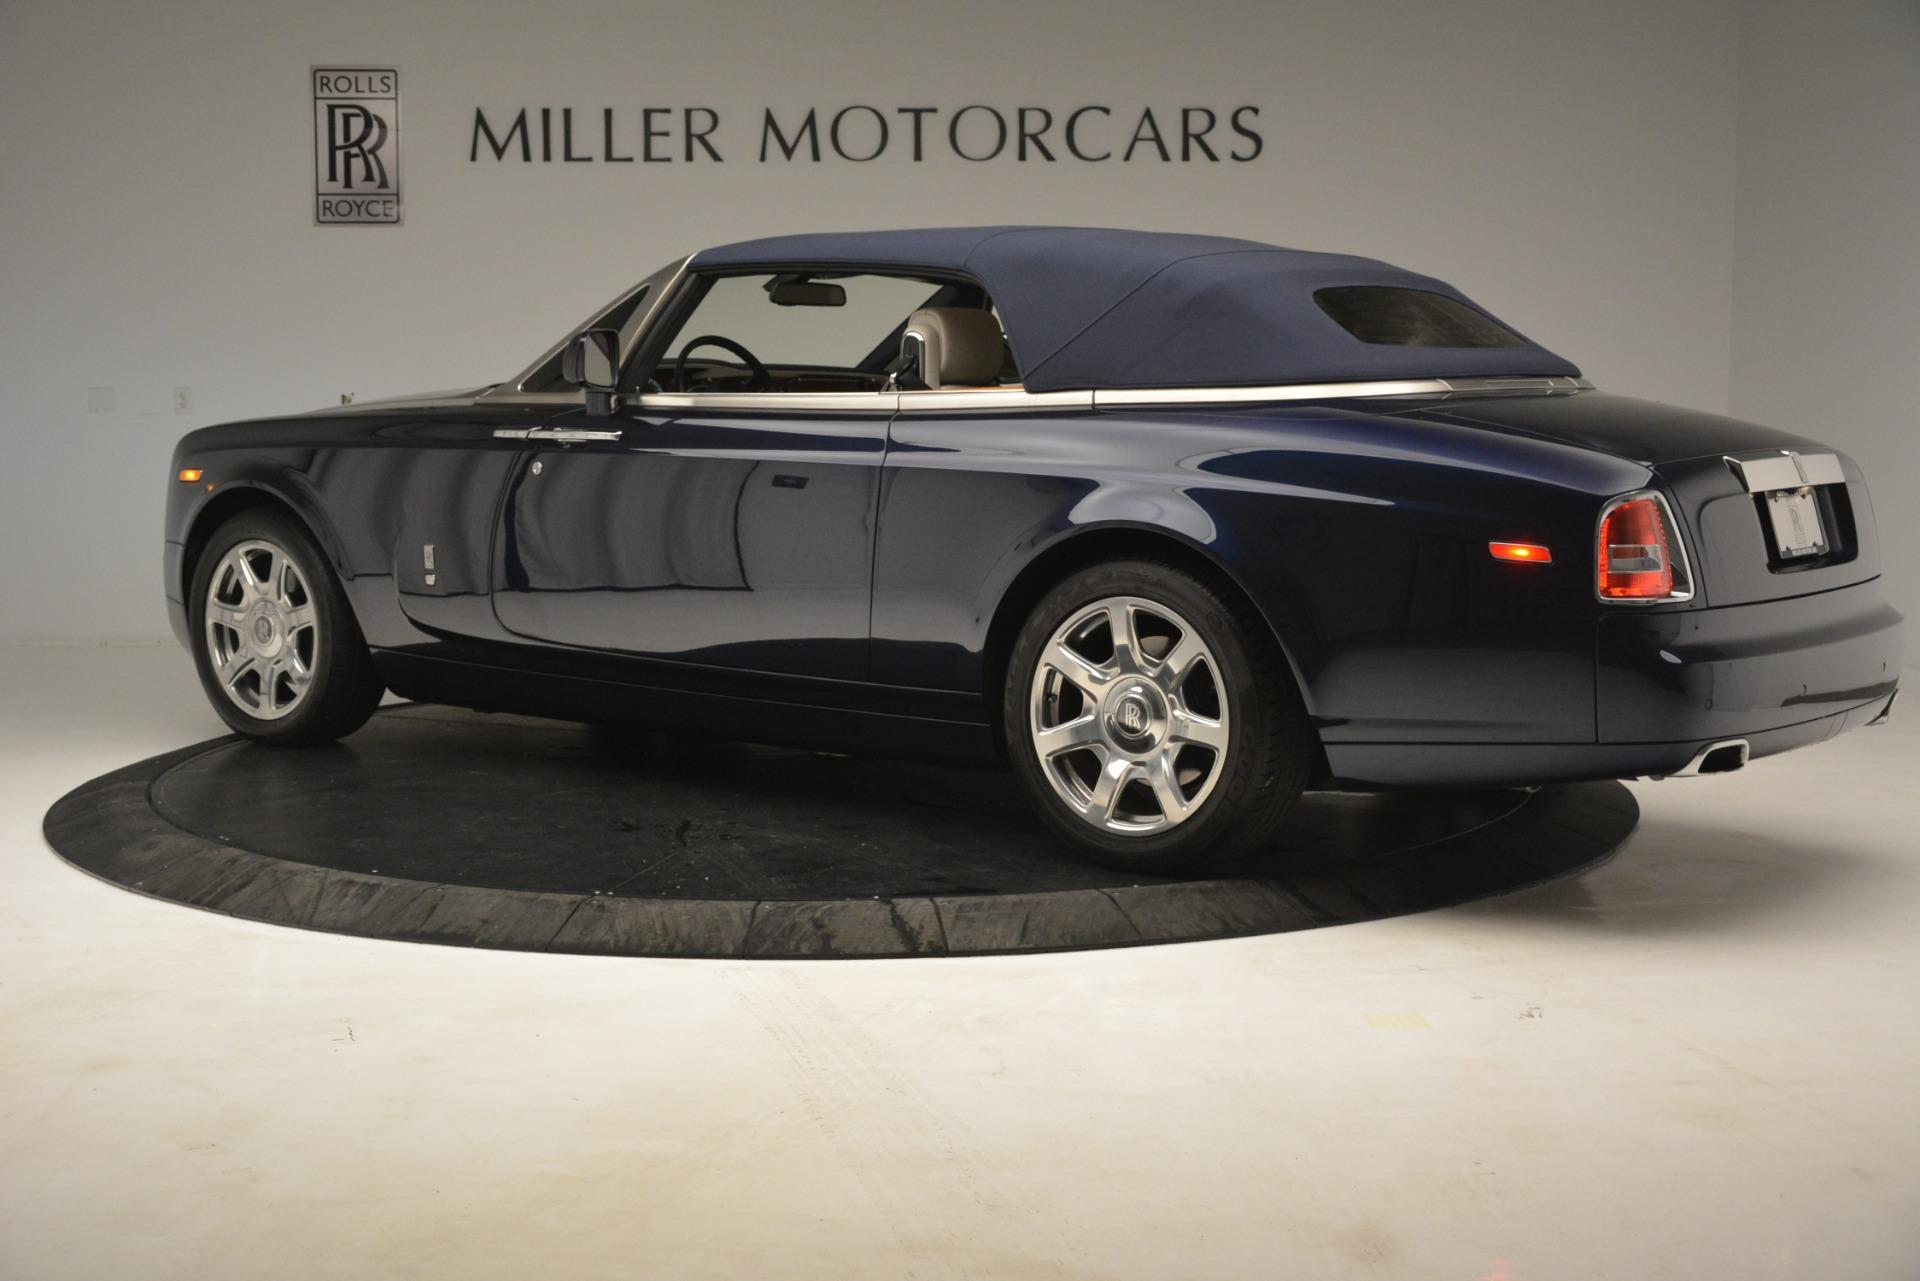 Used 2013 Rolls-Royce Phantom Drophead Coupe  For Sale In Westport, CT 2999_p20